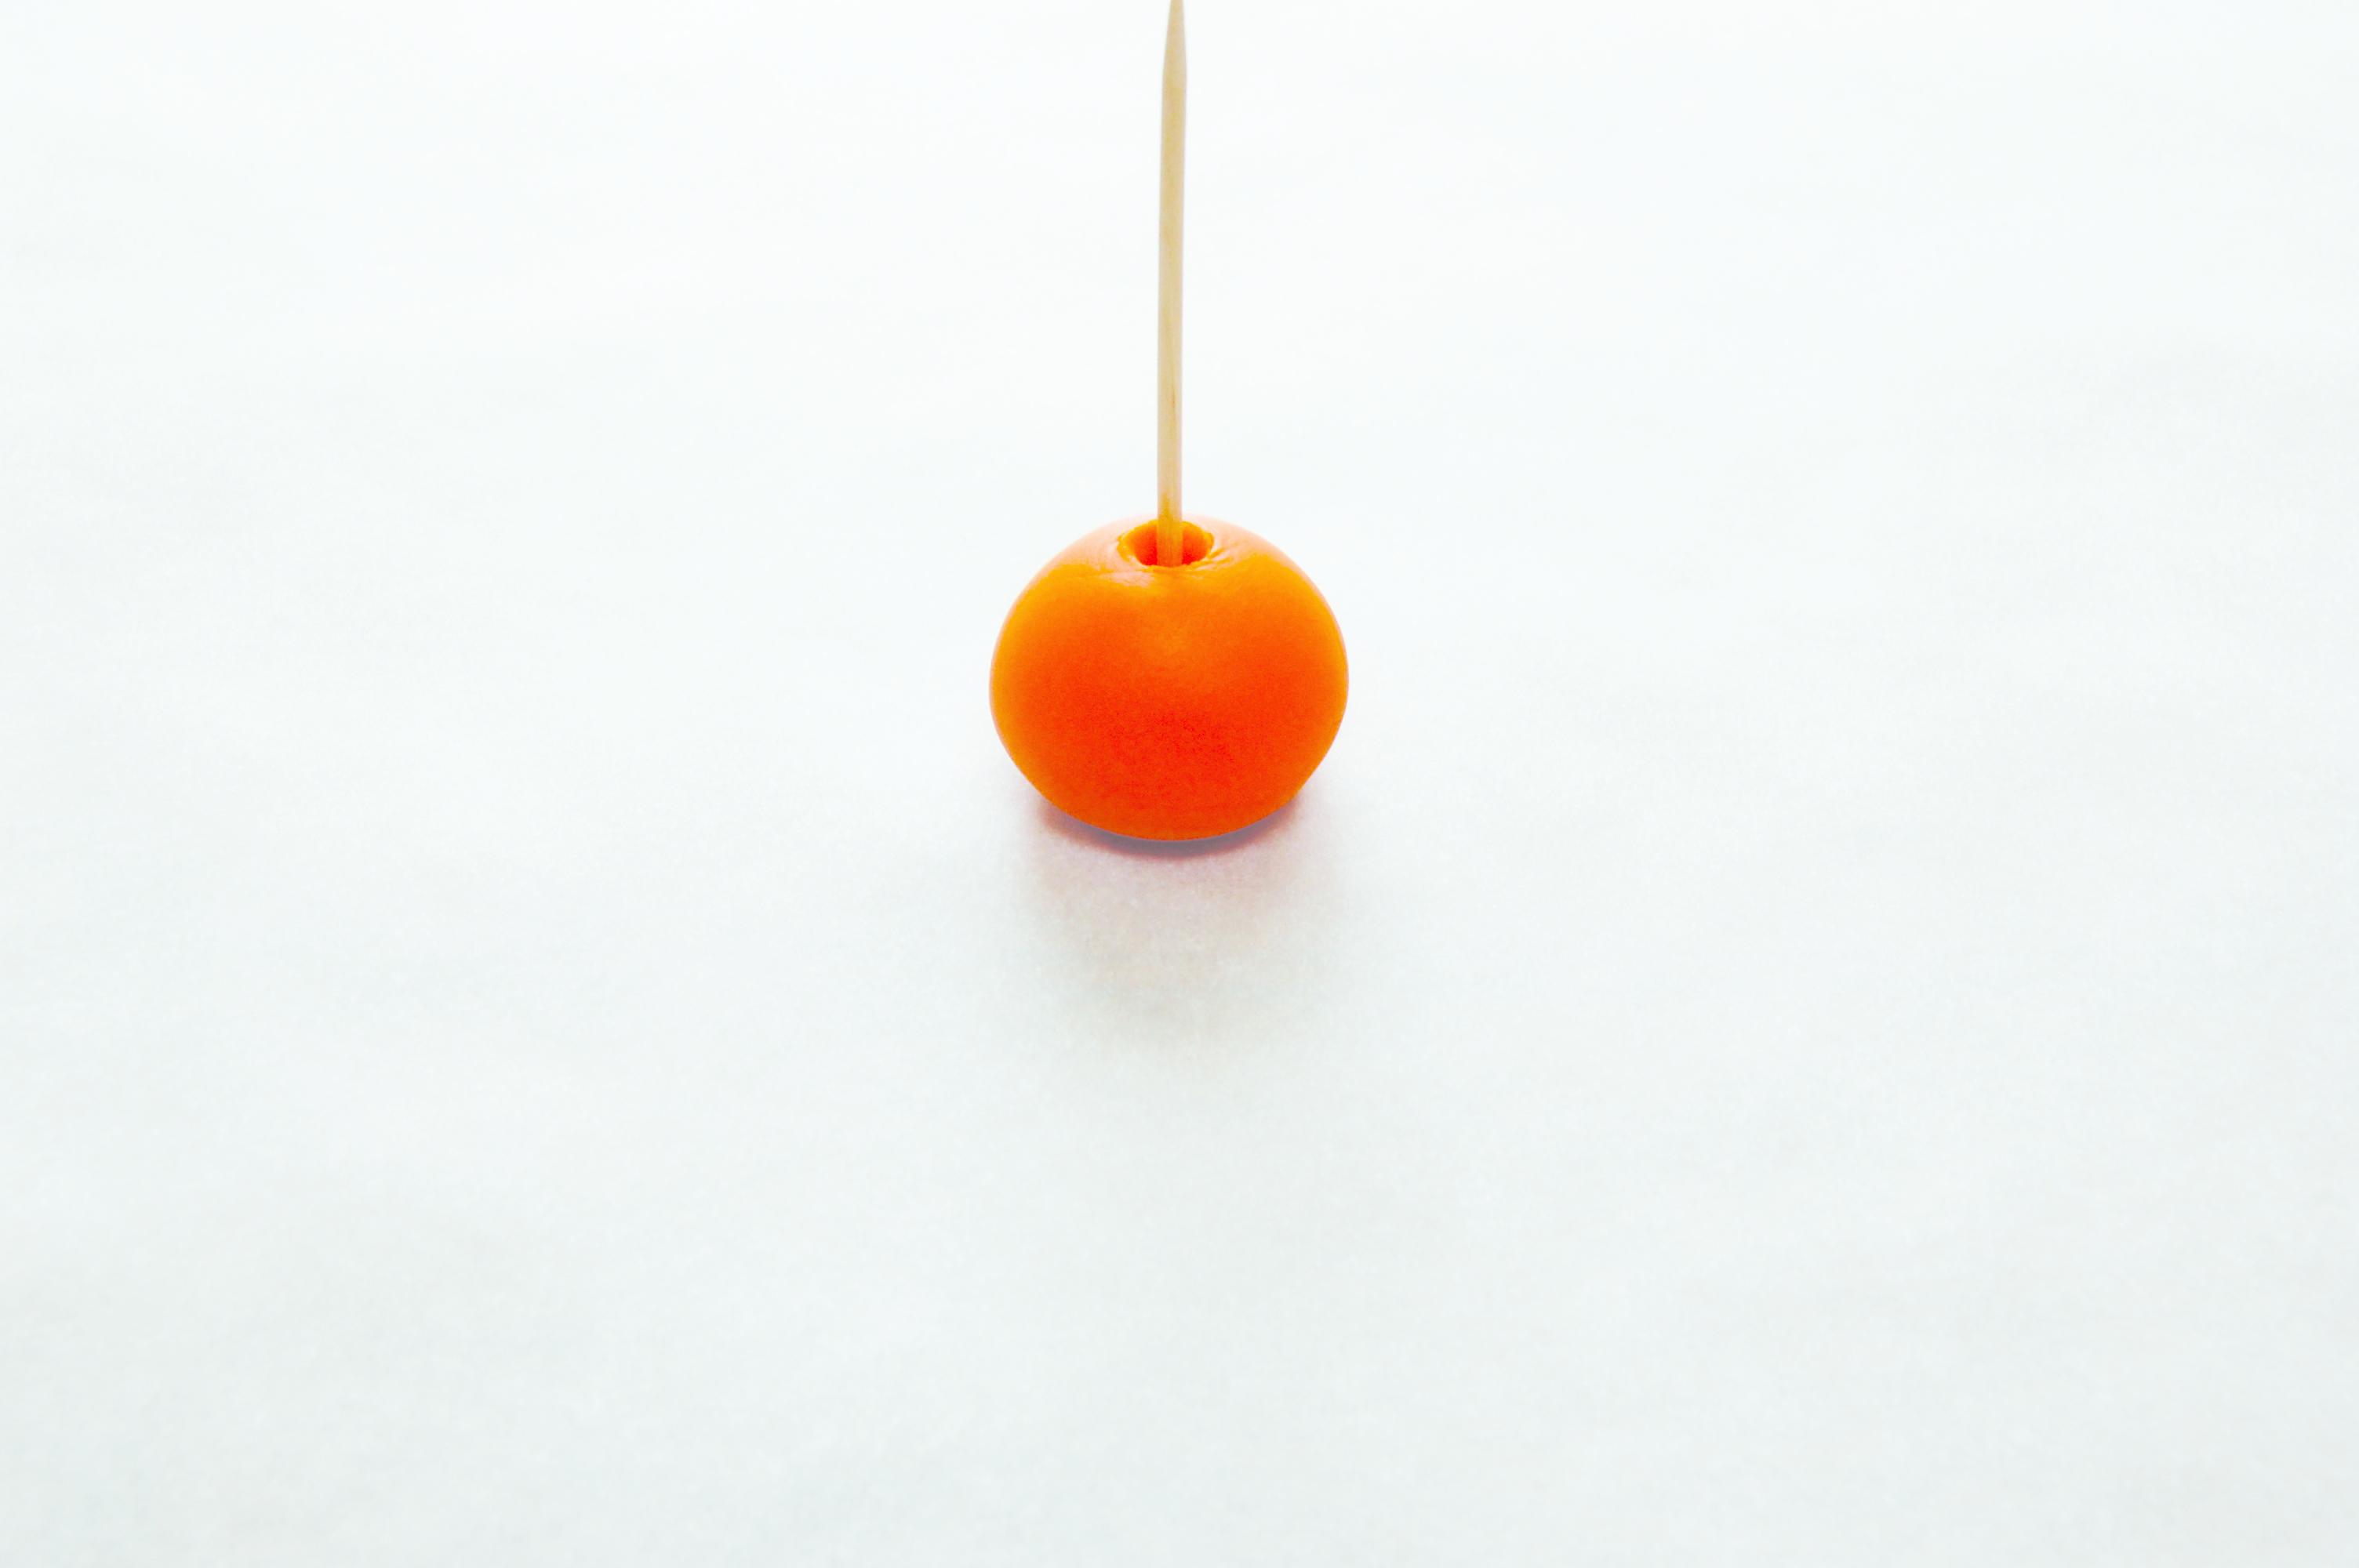 Mini-Pumpkin-2.jpg#asset:11976